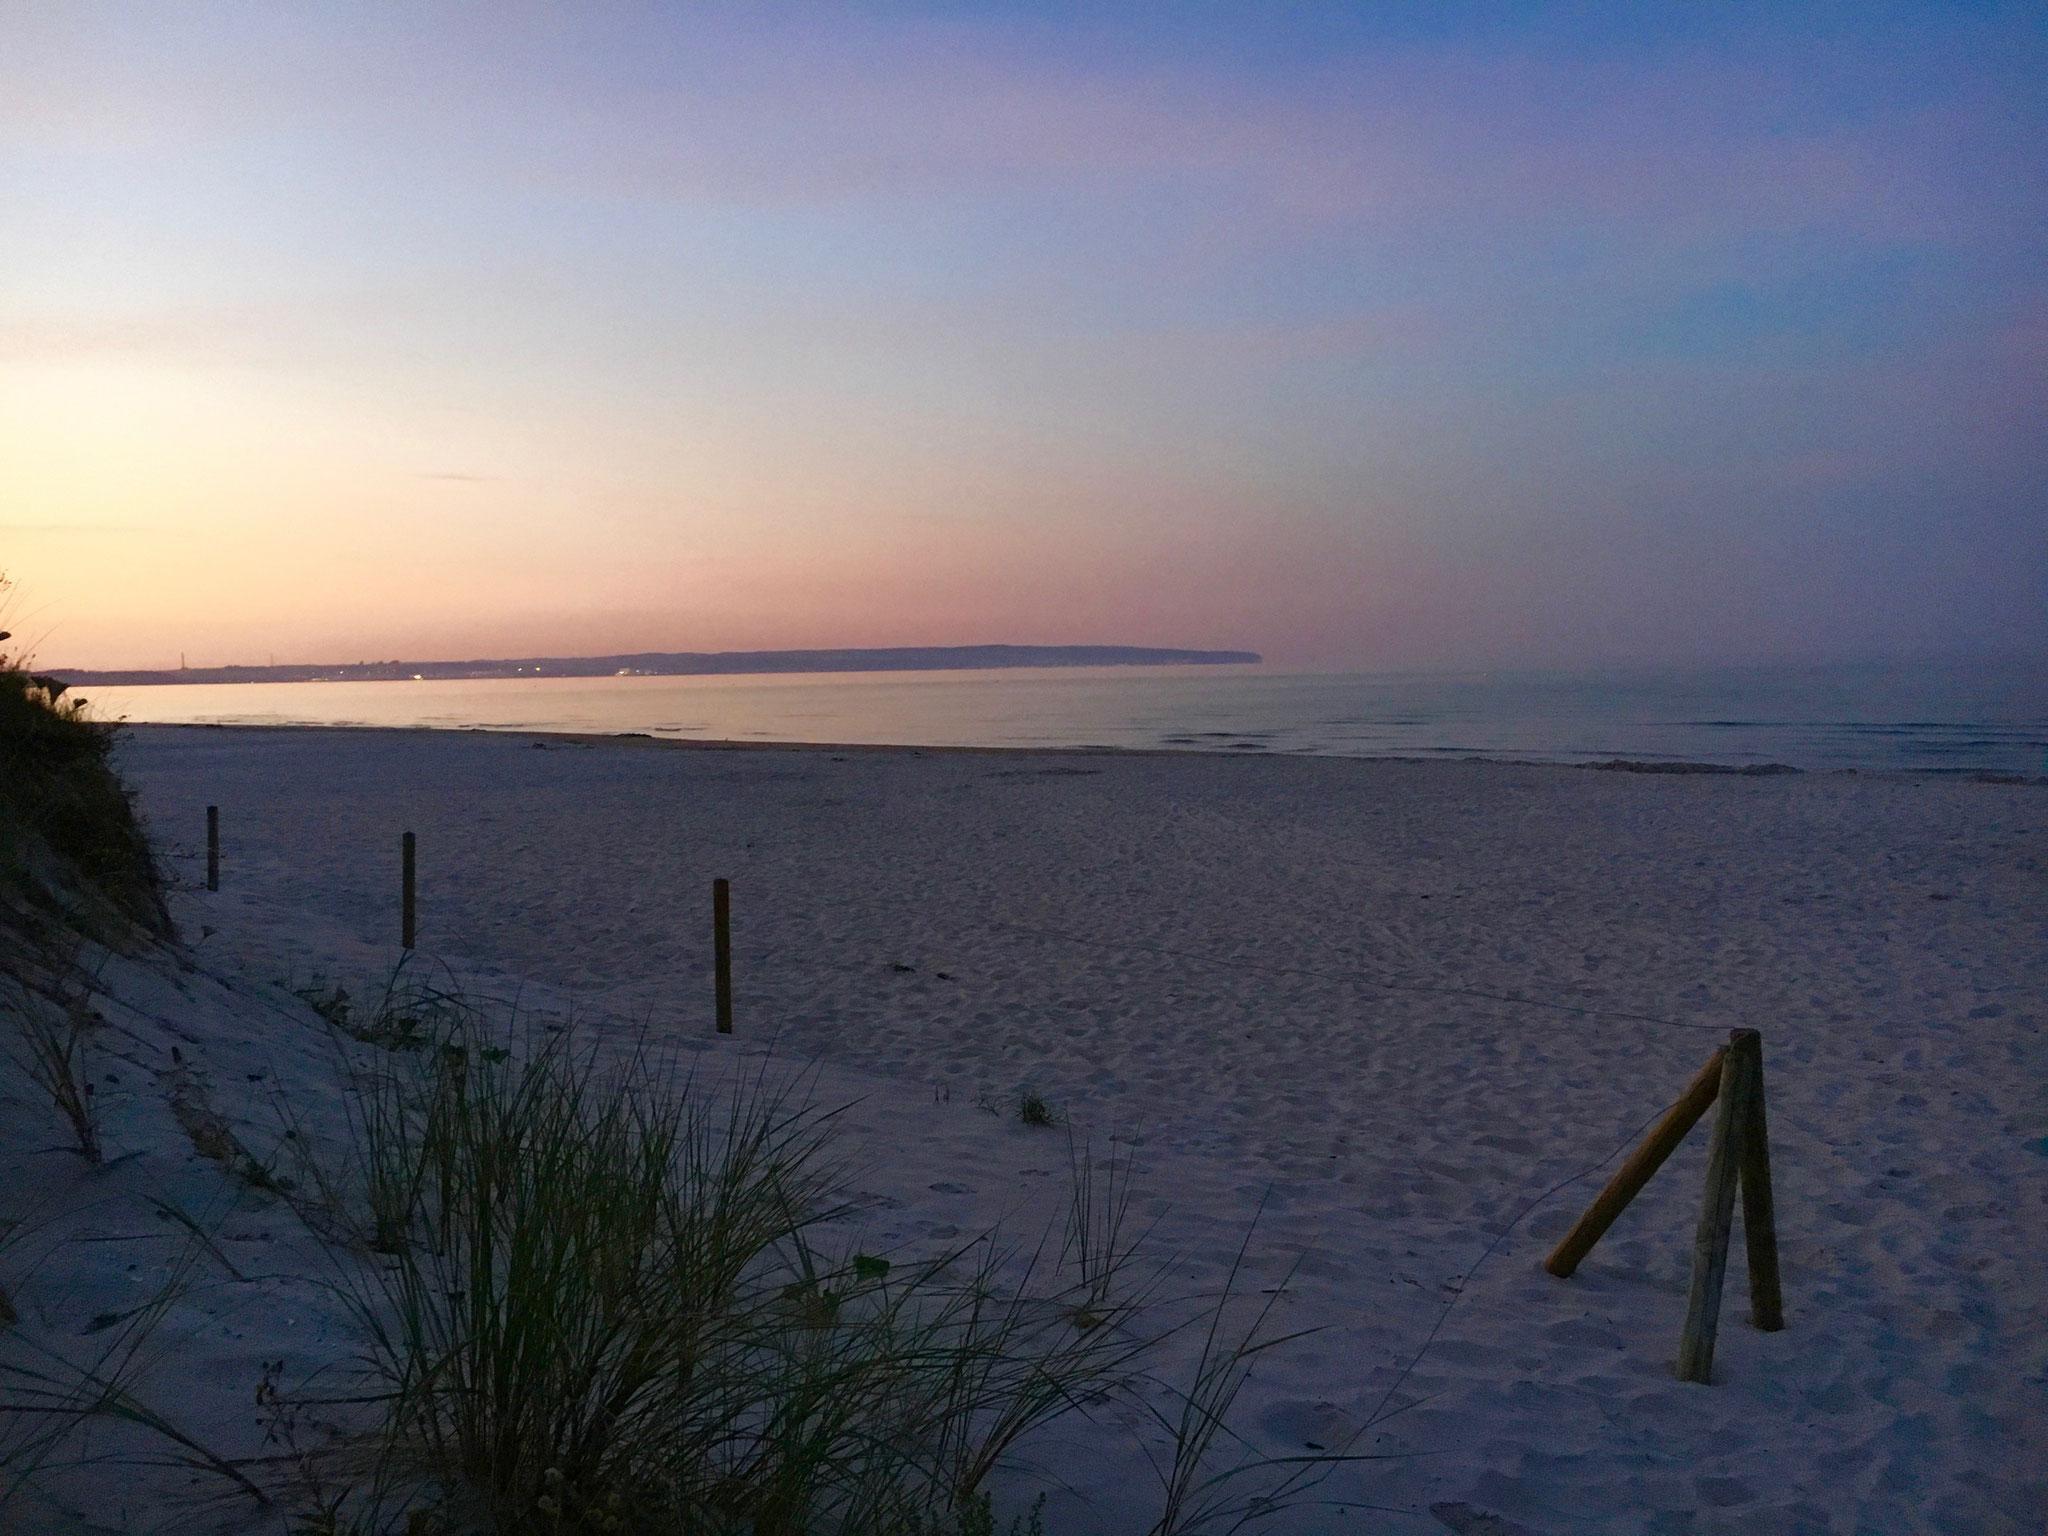 Sonnenuntergang am Sandstrand auf Rügen